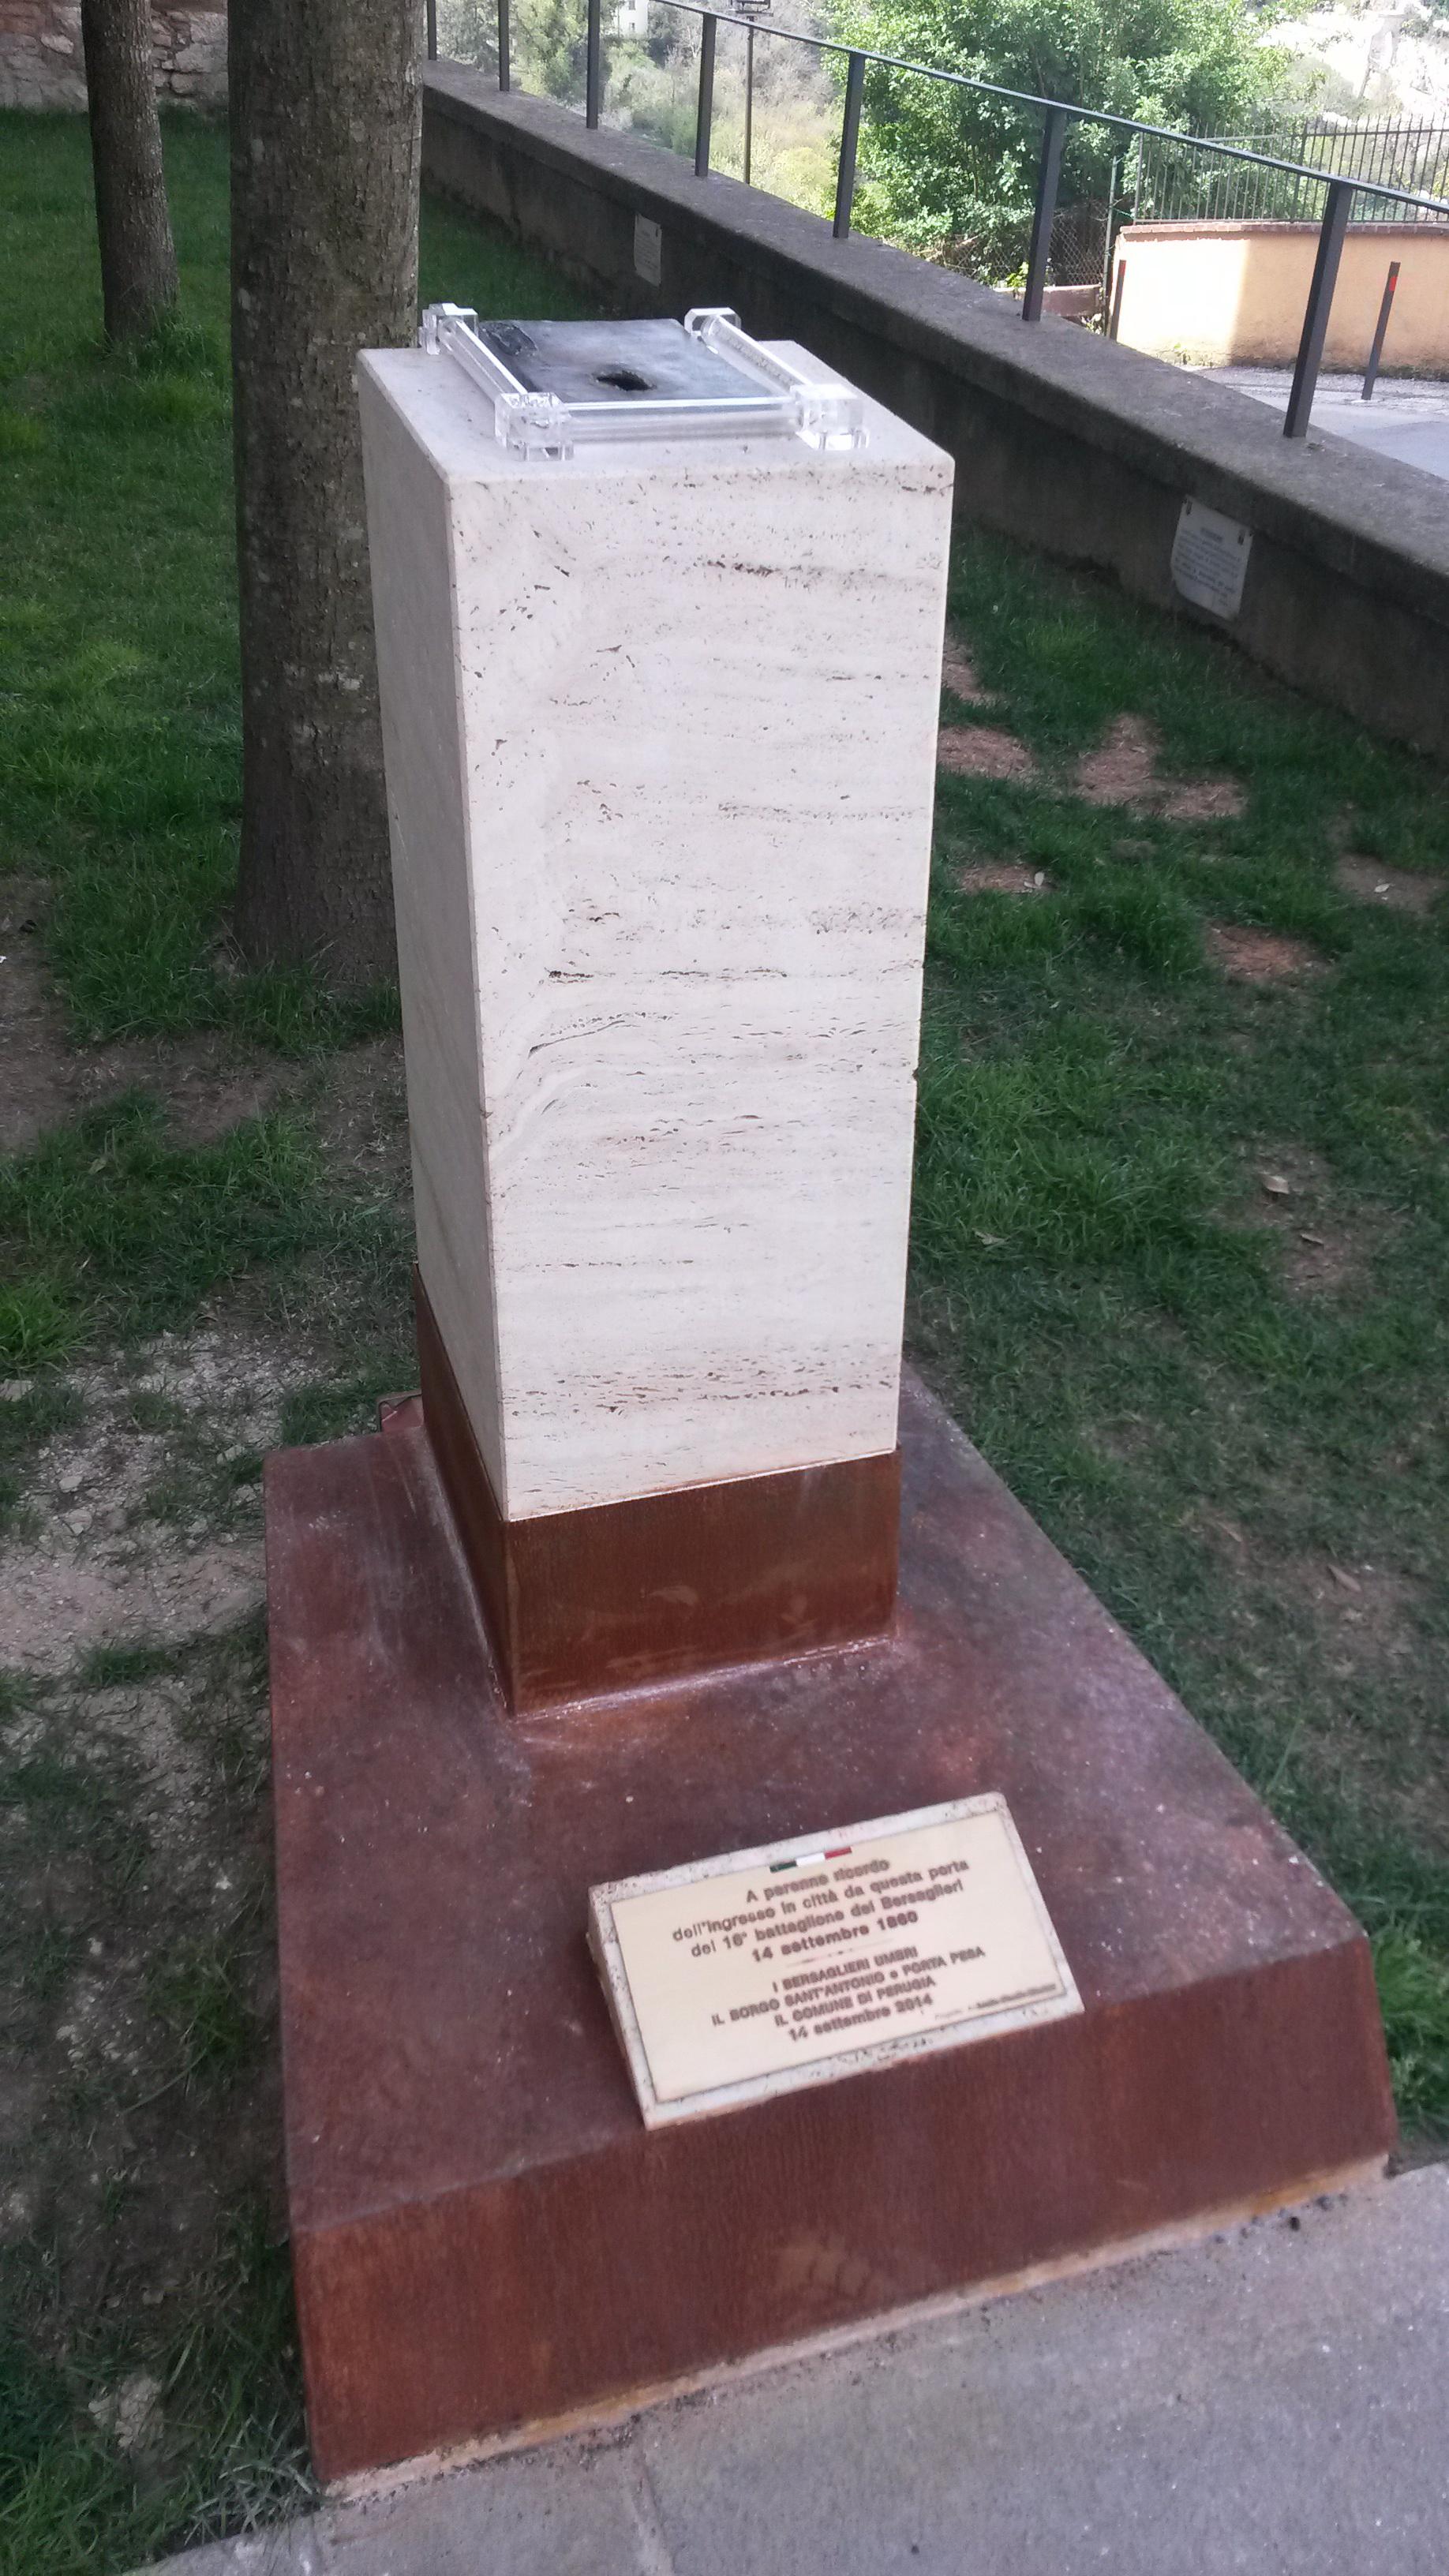 statua bersagliere - 8